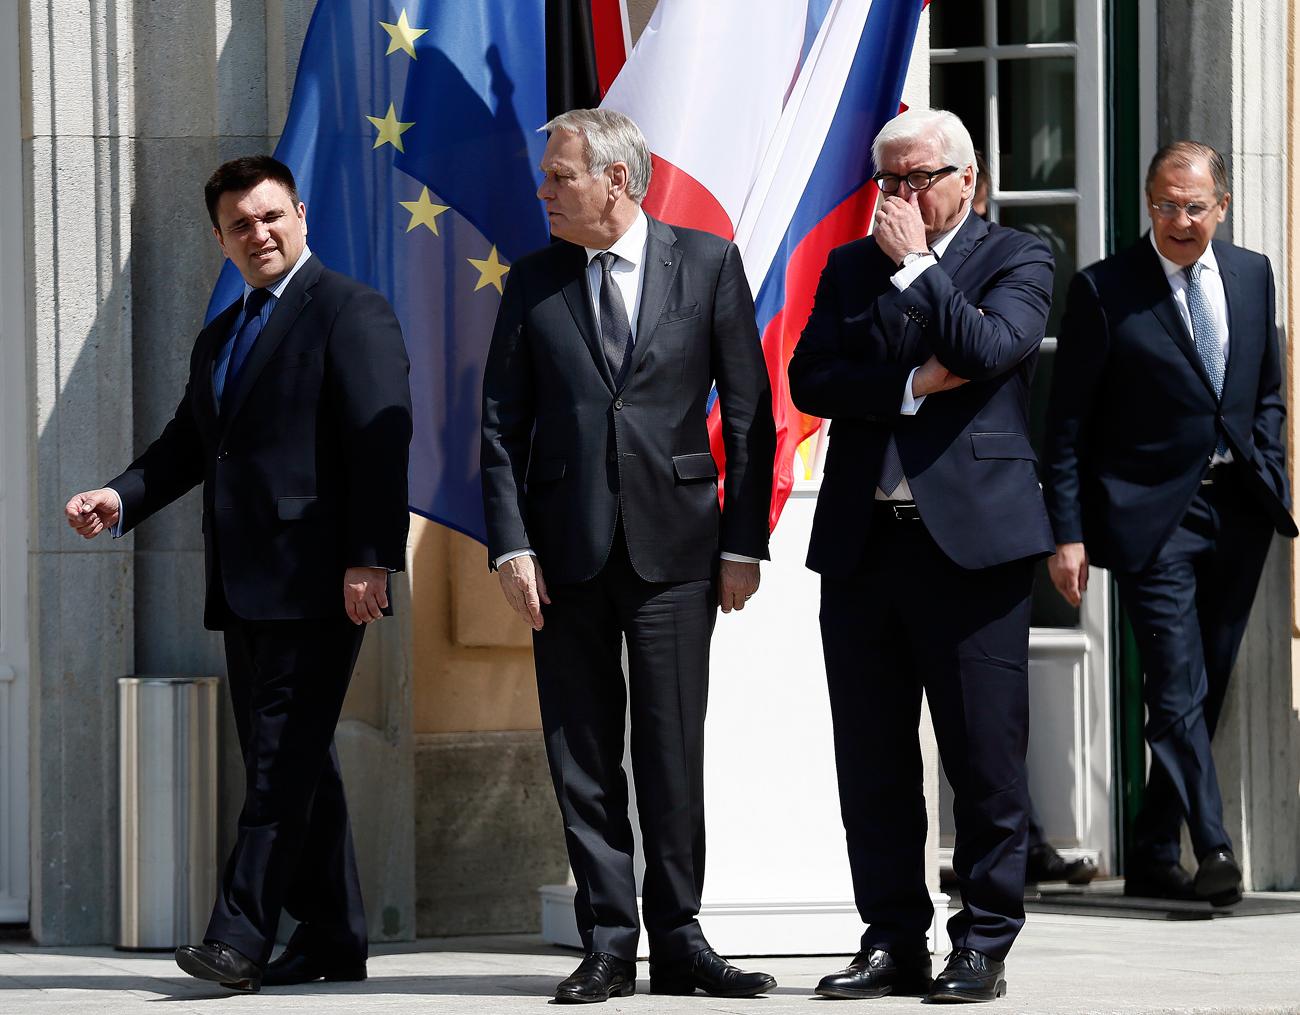 """Indes versuchen das Normandie-Quartett – Russland, Deutschland, Frankreich und die Ukraine – und die Kontaktgruppe zur Regulierung der Situation in der Ostukraine, die Krise im Donbass mit politischen Mitteln zu lösen. Am vergangenen Donnerstag trat erneut eine Waffenstillstandsvereinbarung in Kraft – bislang ist offen, wie tragfähig diese sein wird.Ohne die Teilnahme der Vereinigten Staaten – eines Schlüsselpartners der ukrainischen Regierung – könne der Konflikt im Donbass jedoch nicht gelöst werden, sind die Experten überzeugt. """"Nur die Amerikaner haben die Hebel in der Hand, um auf die Ukraine Einfluss zu nehmen"""", sagt Jewgenij Mintschenko. Wladimir Jewseew räumt aber ein: Die scheidende Regierung Obamas konzentriere sich derzeit auf Syrien und werde sich in der Ukraine kaum als aktiv erweisen. Deshalb, so Jewseew, werde das weitere Schicksal des Minsker Prozesses wohl erst vom nächsten US-Präsidenten entschieden."""